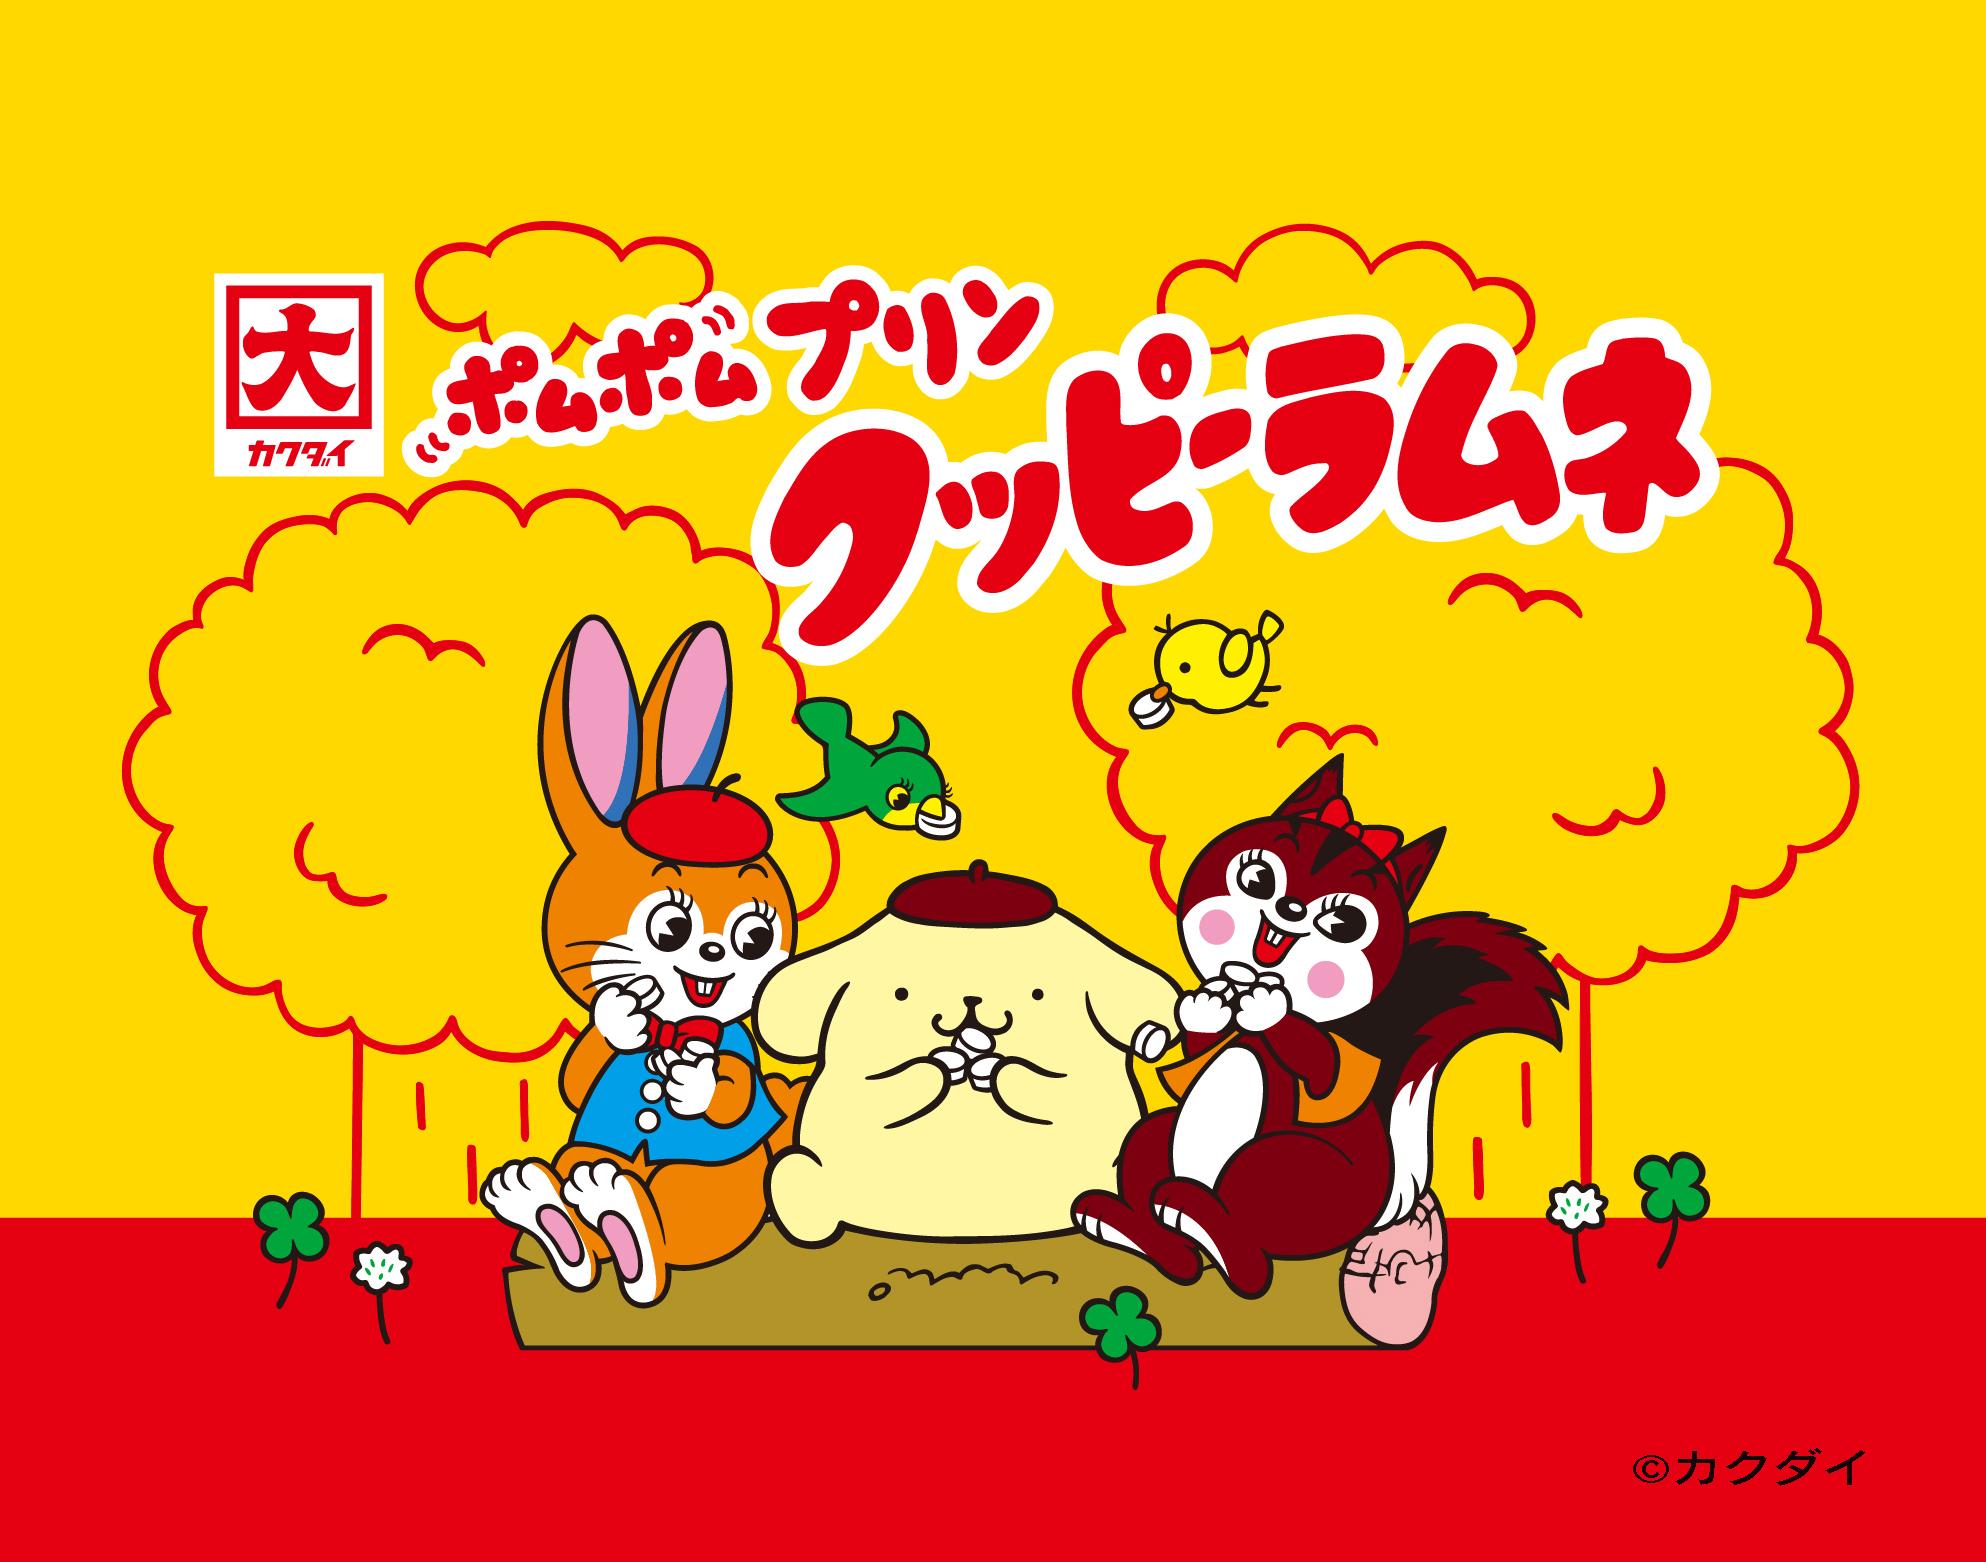 「サンリオ」×「クッピーラムネ」コラボグッズ発売決定!キャラクターたちがラムネを楽しむレトロかわいいデザインが展開